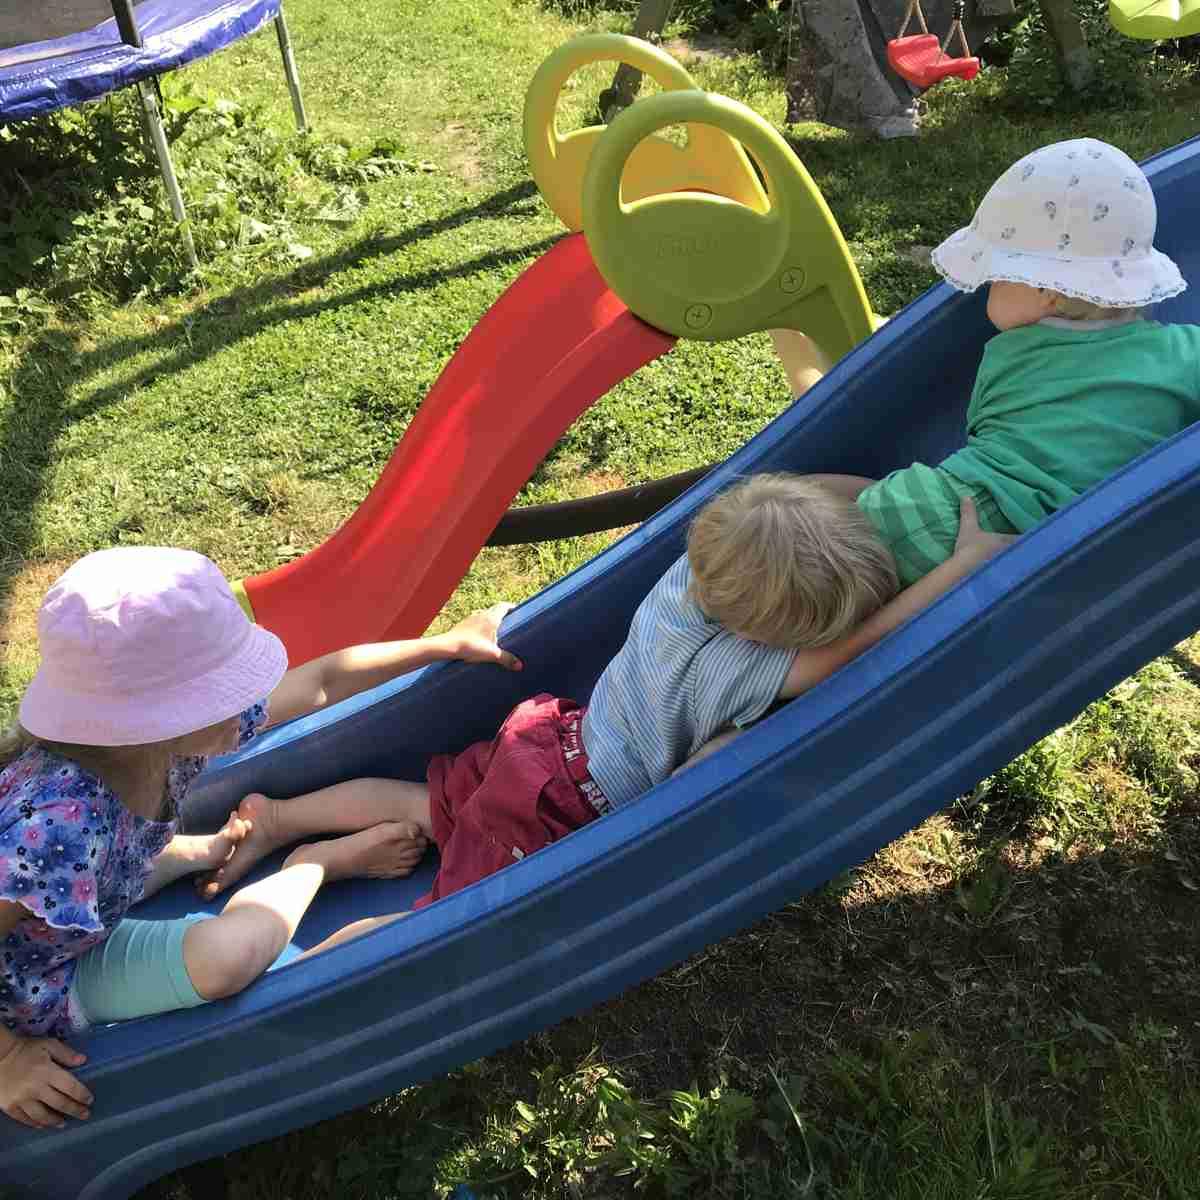 Tagebuchbloggen – WMDEDGT 06 2018 – Gartentag